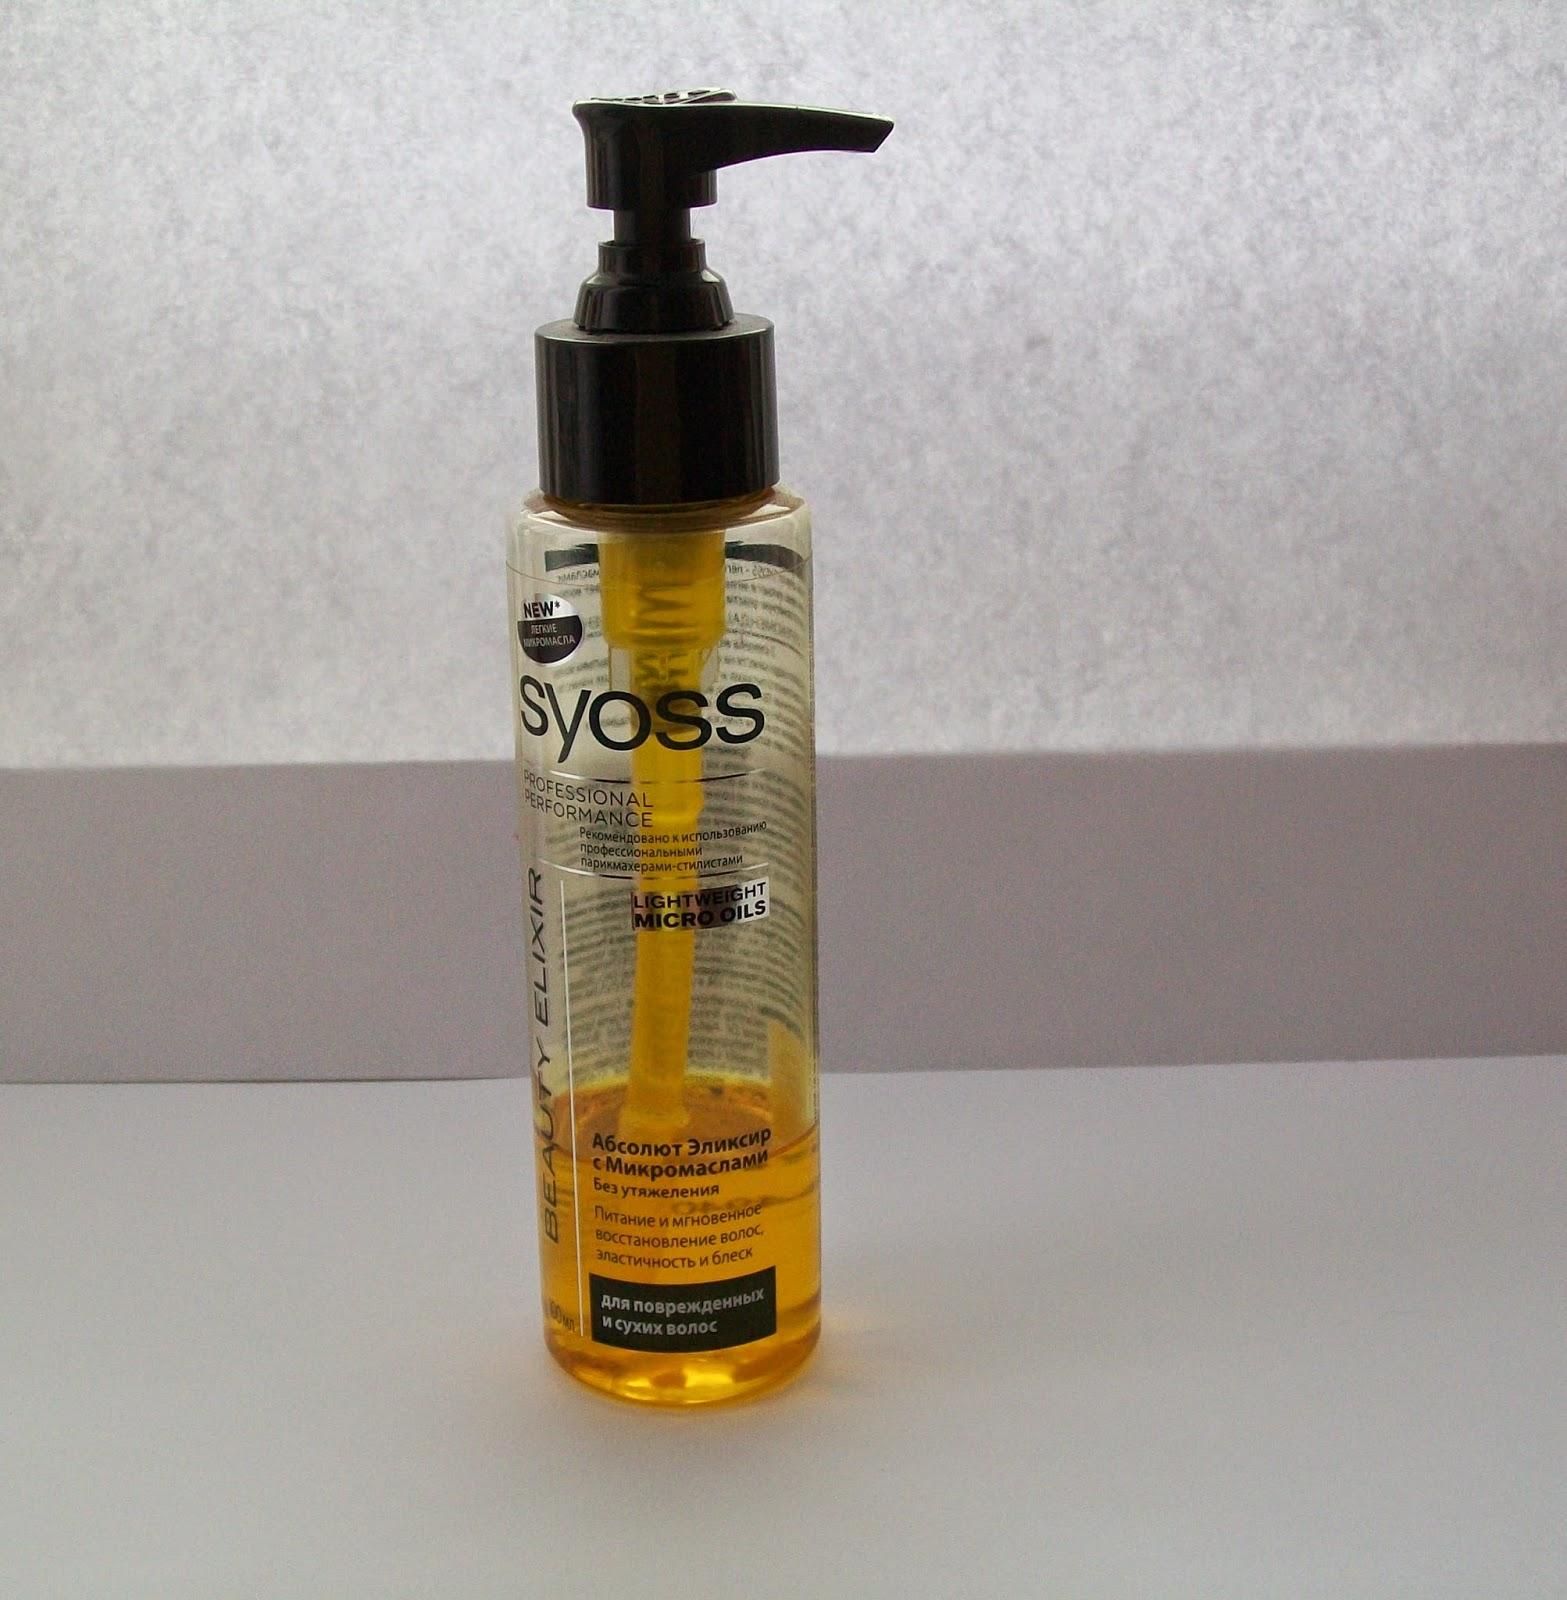 Сиос масло для волос